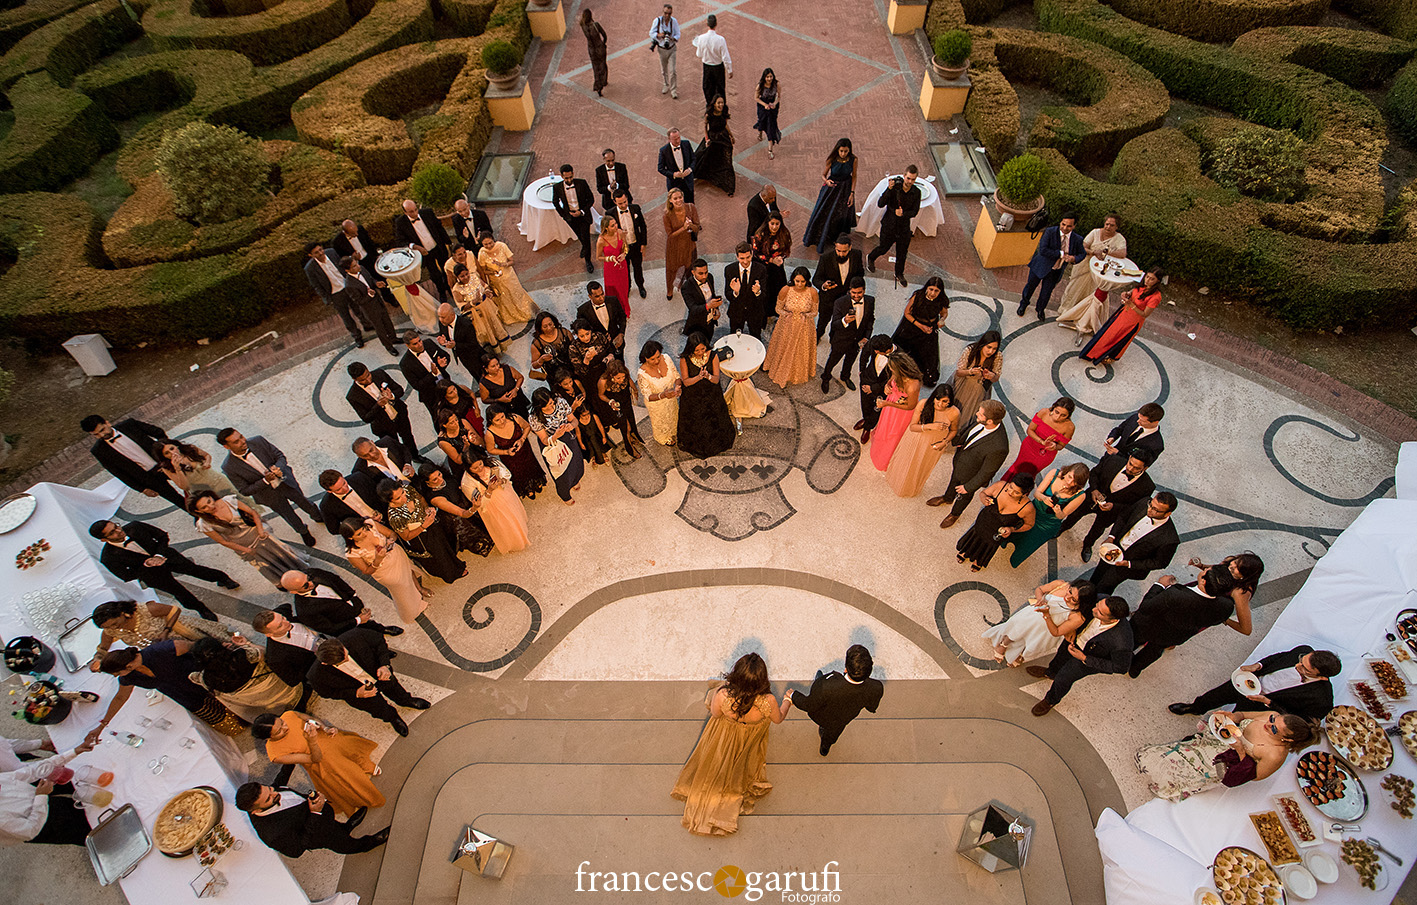 Cena di un matrimonio indiano in una villa in Toscana